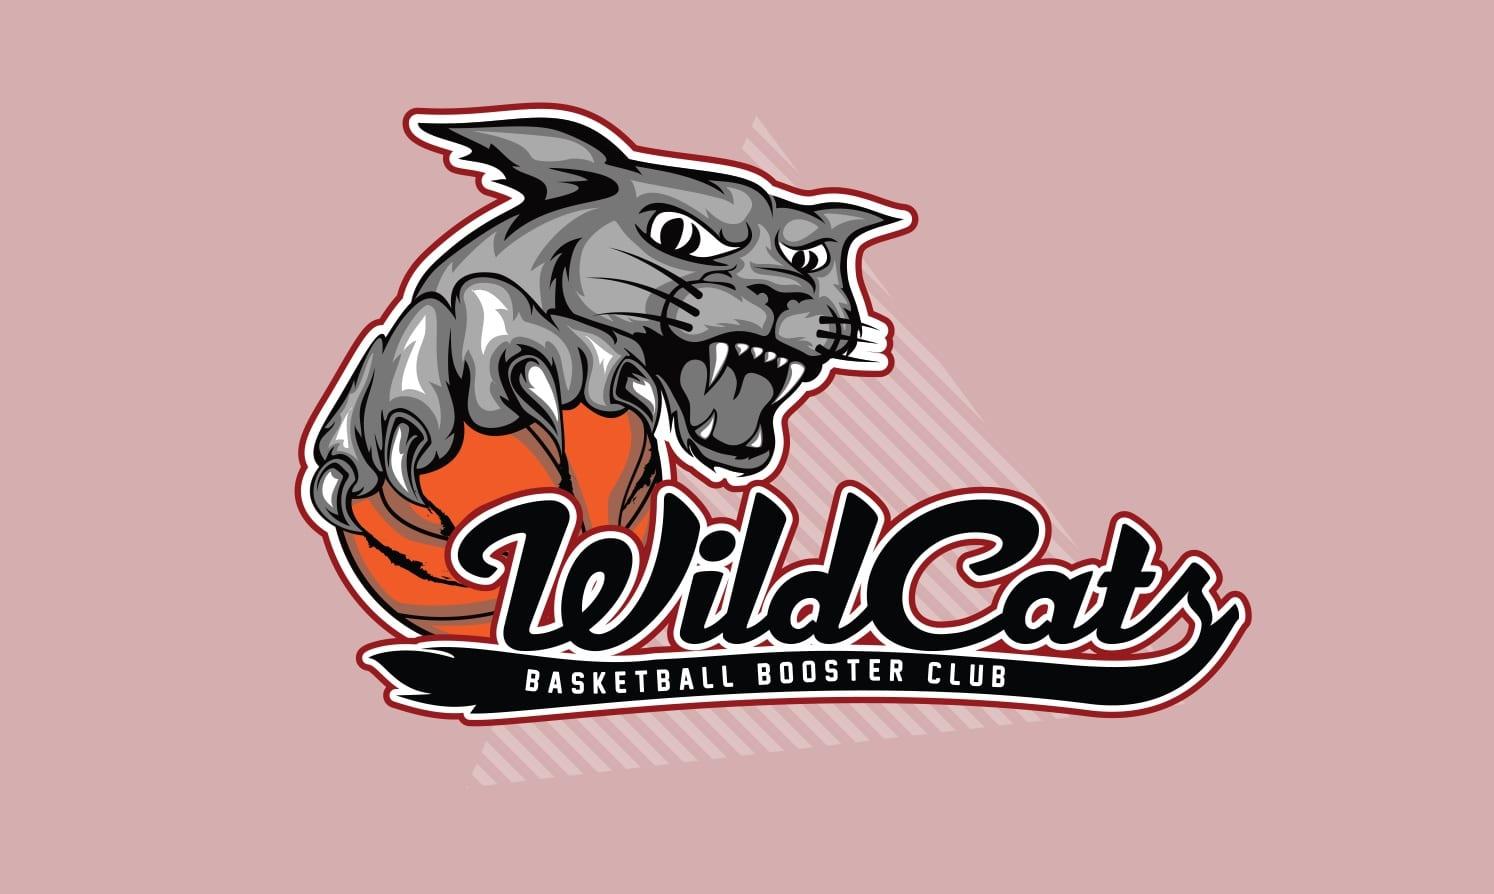 logo for baseball team